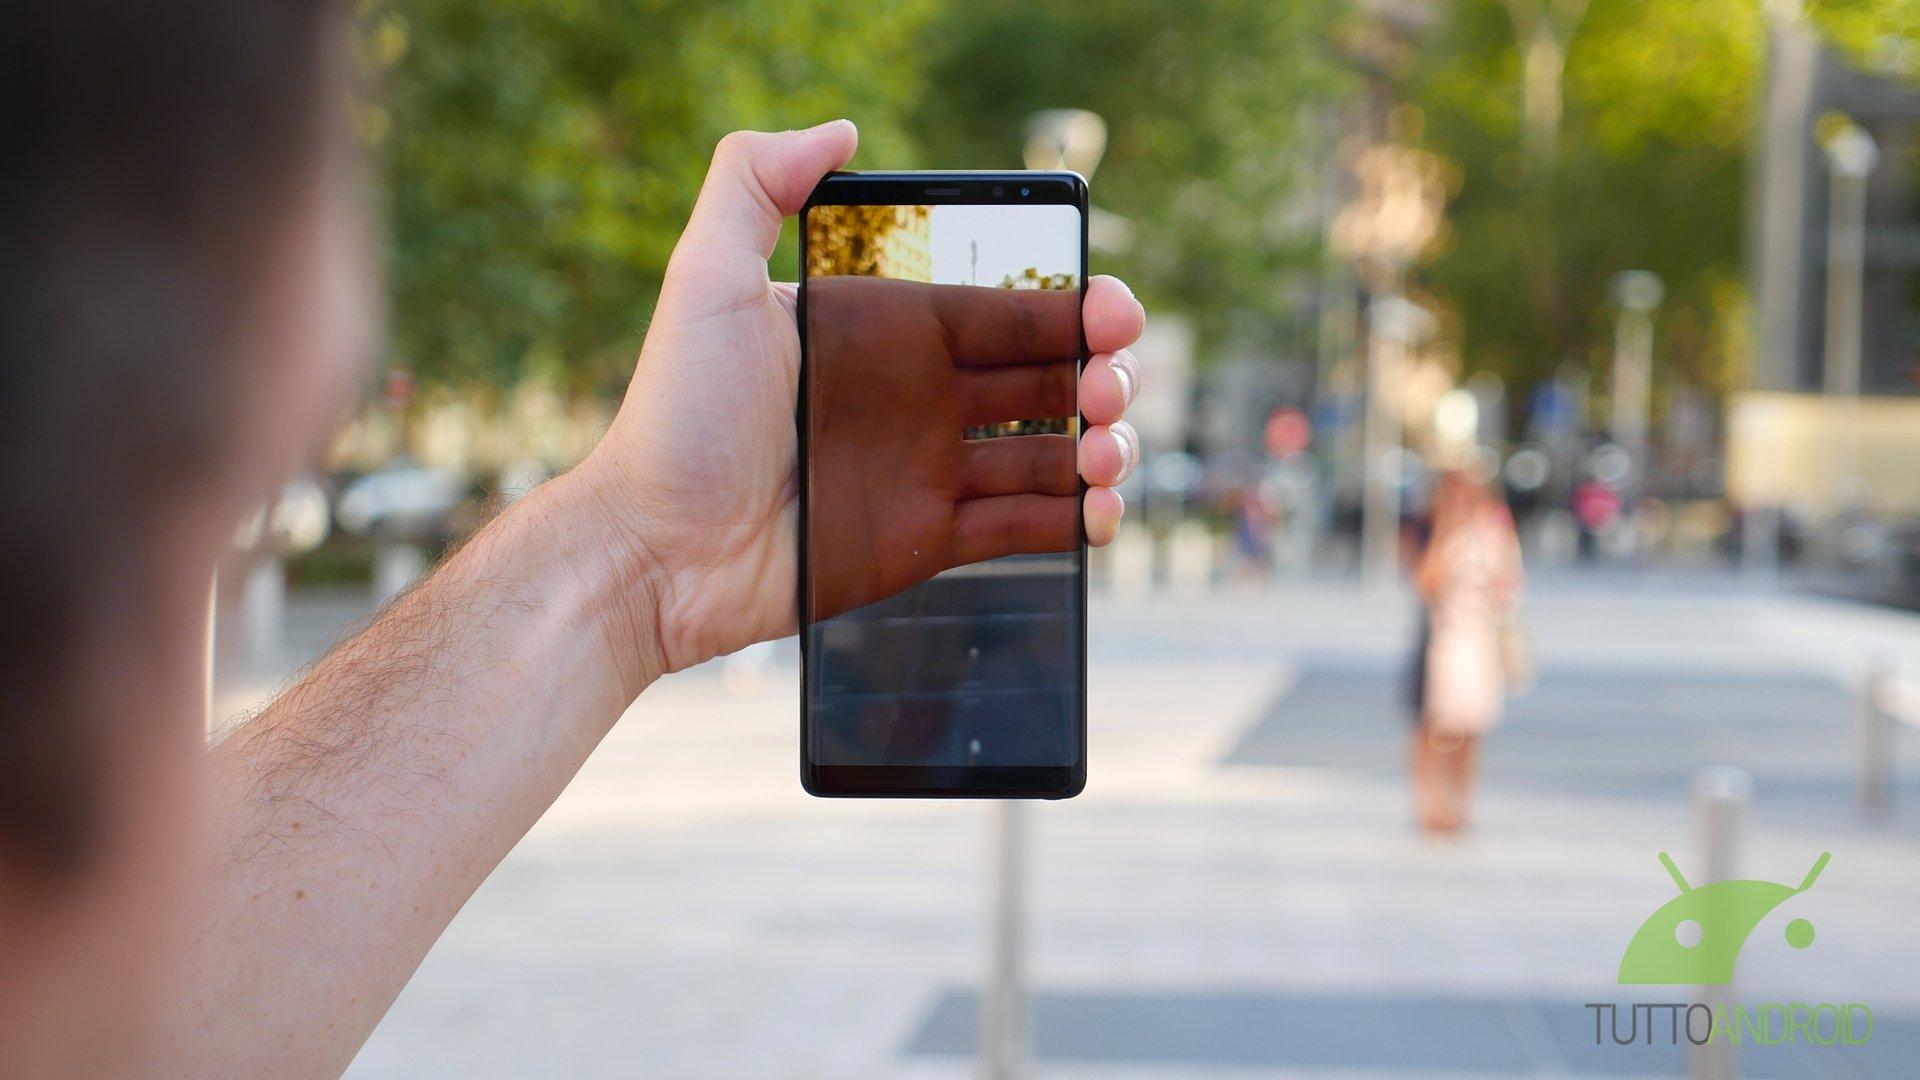 5d7c5417f4c6 A un mese dal lancio Samsung Galaxy Note 8 ha già l'1% di quote del mercato